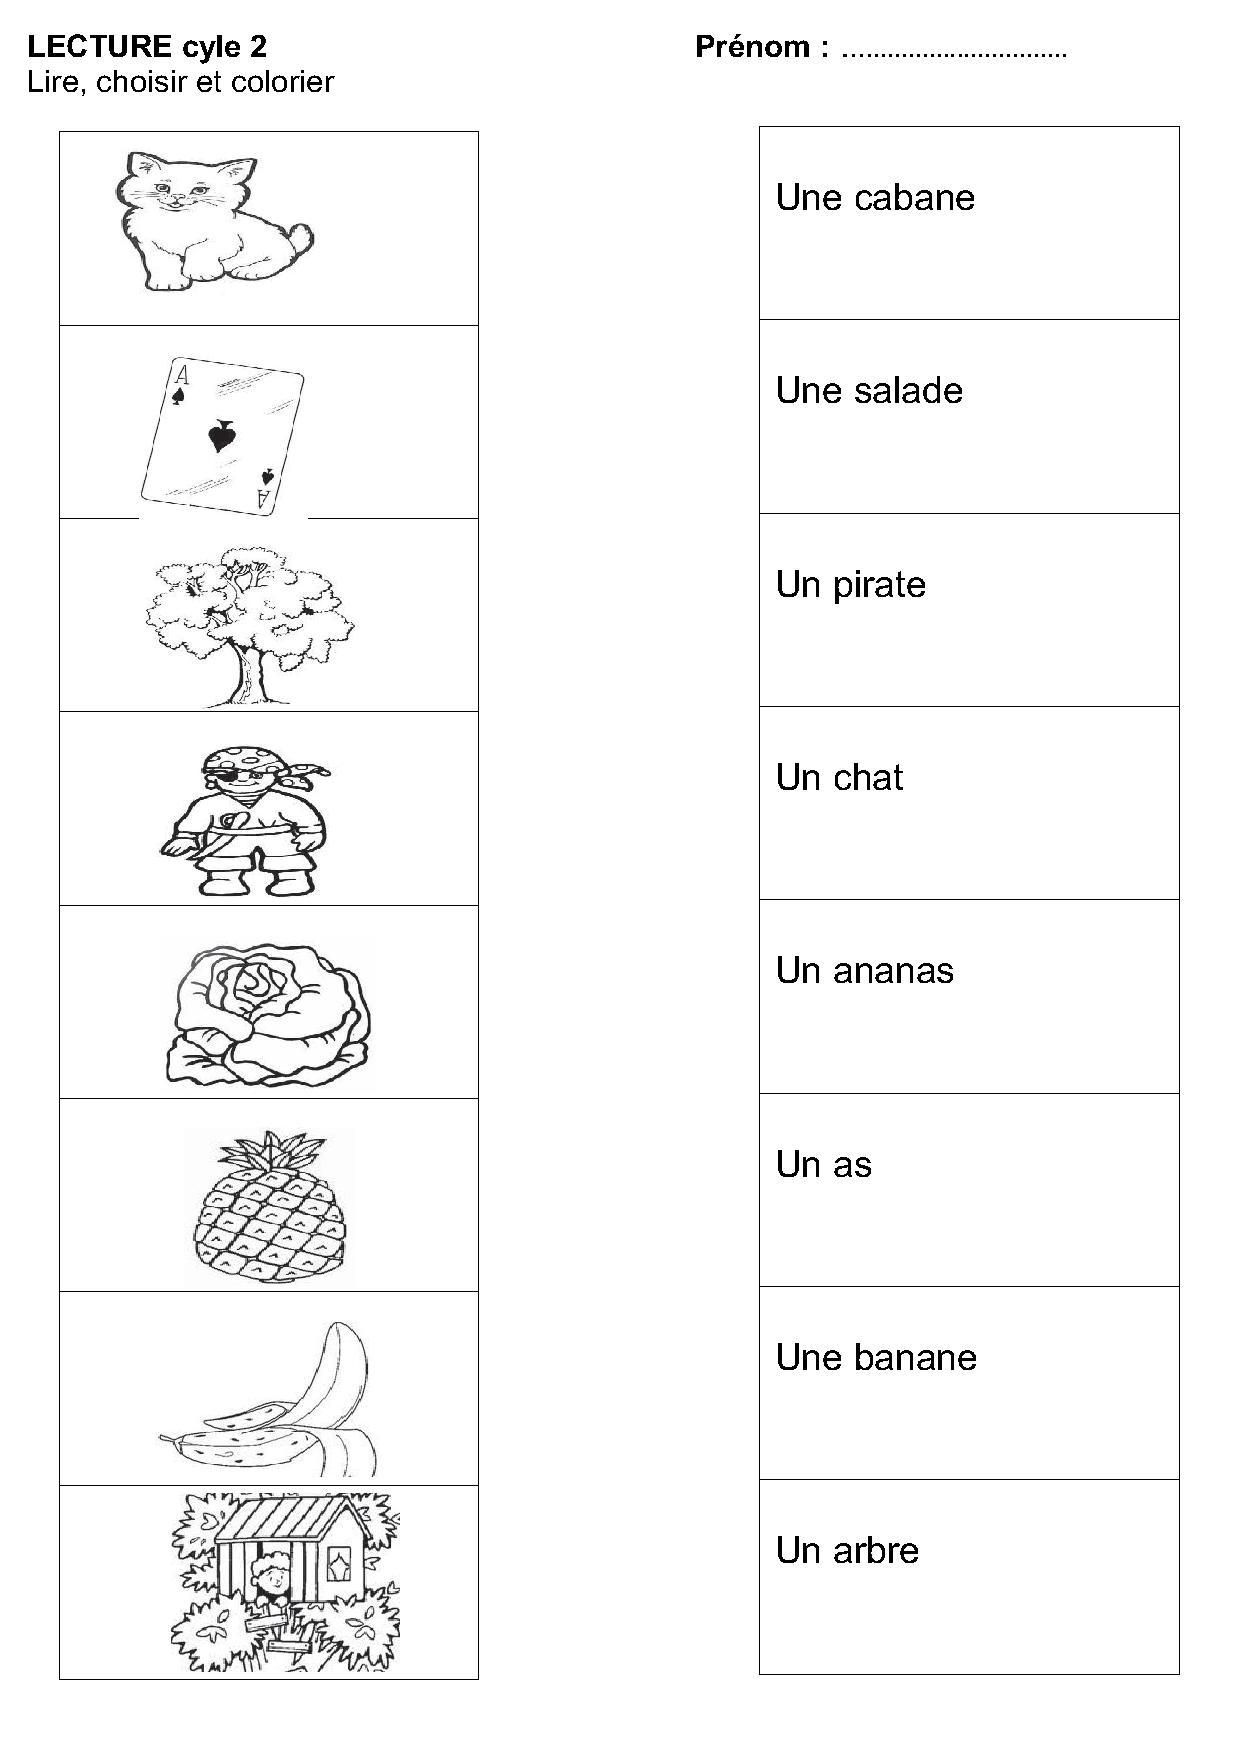 Très produire des écrits 2:ce1,ce2,expressions écrites,mots,phras PY23